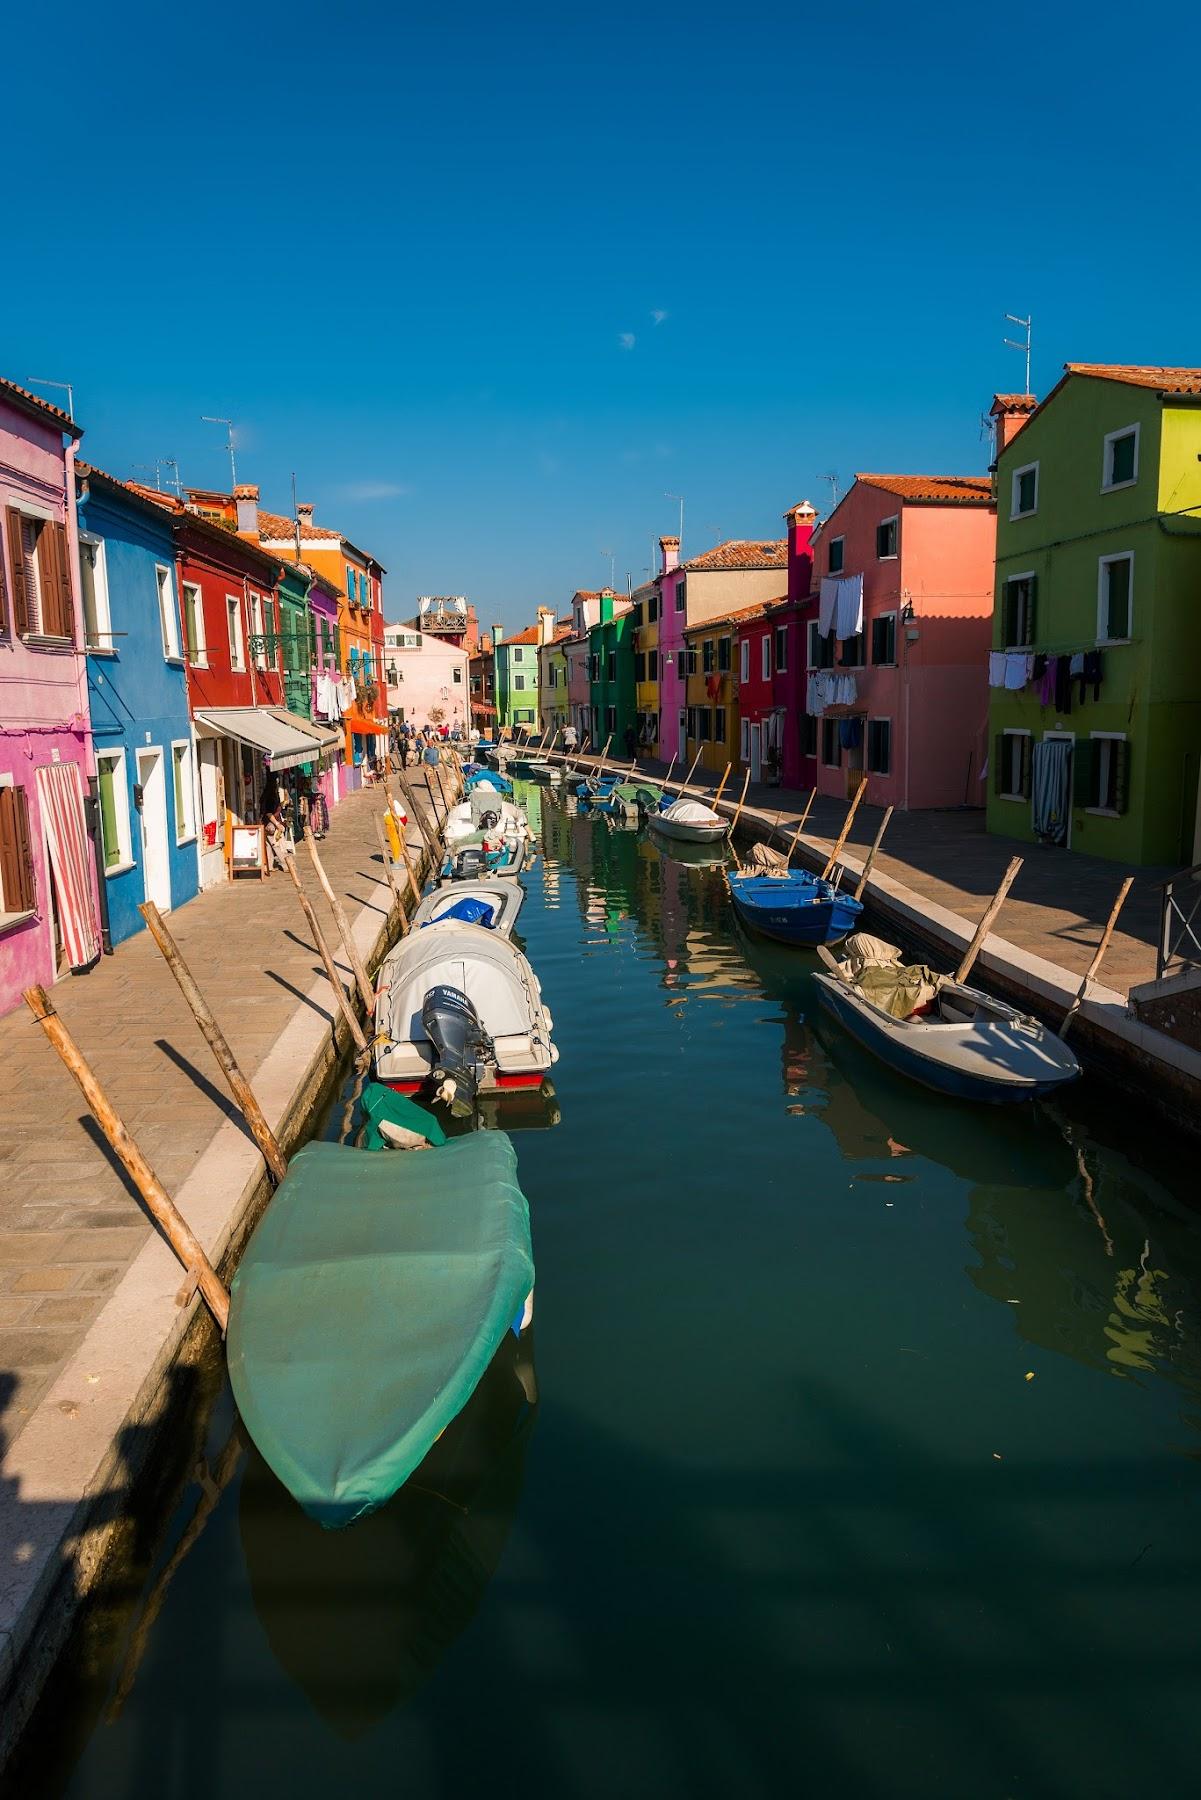 Остров Бурано в Италии